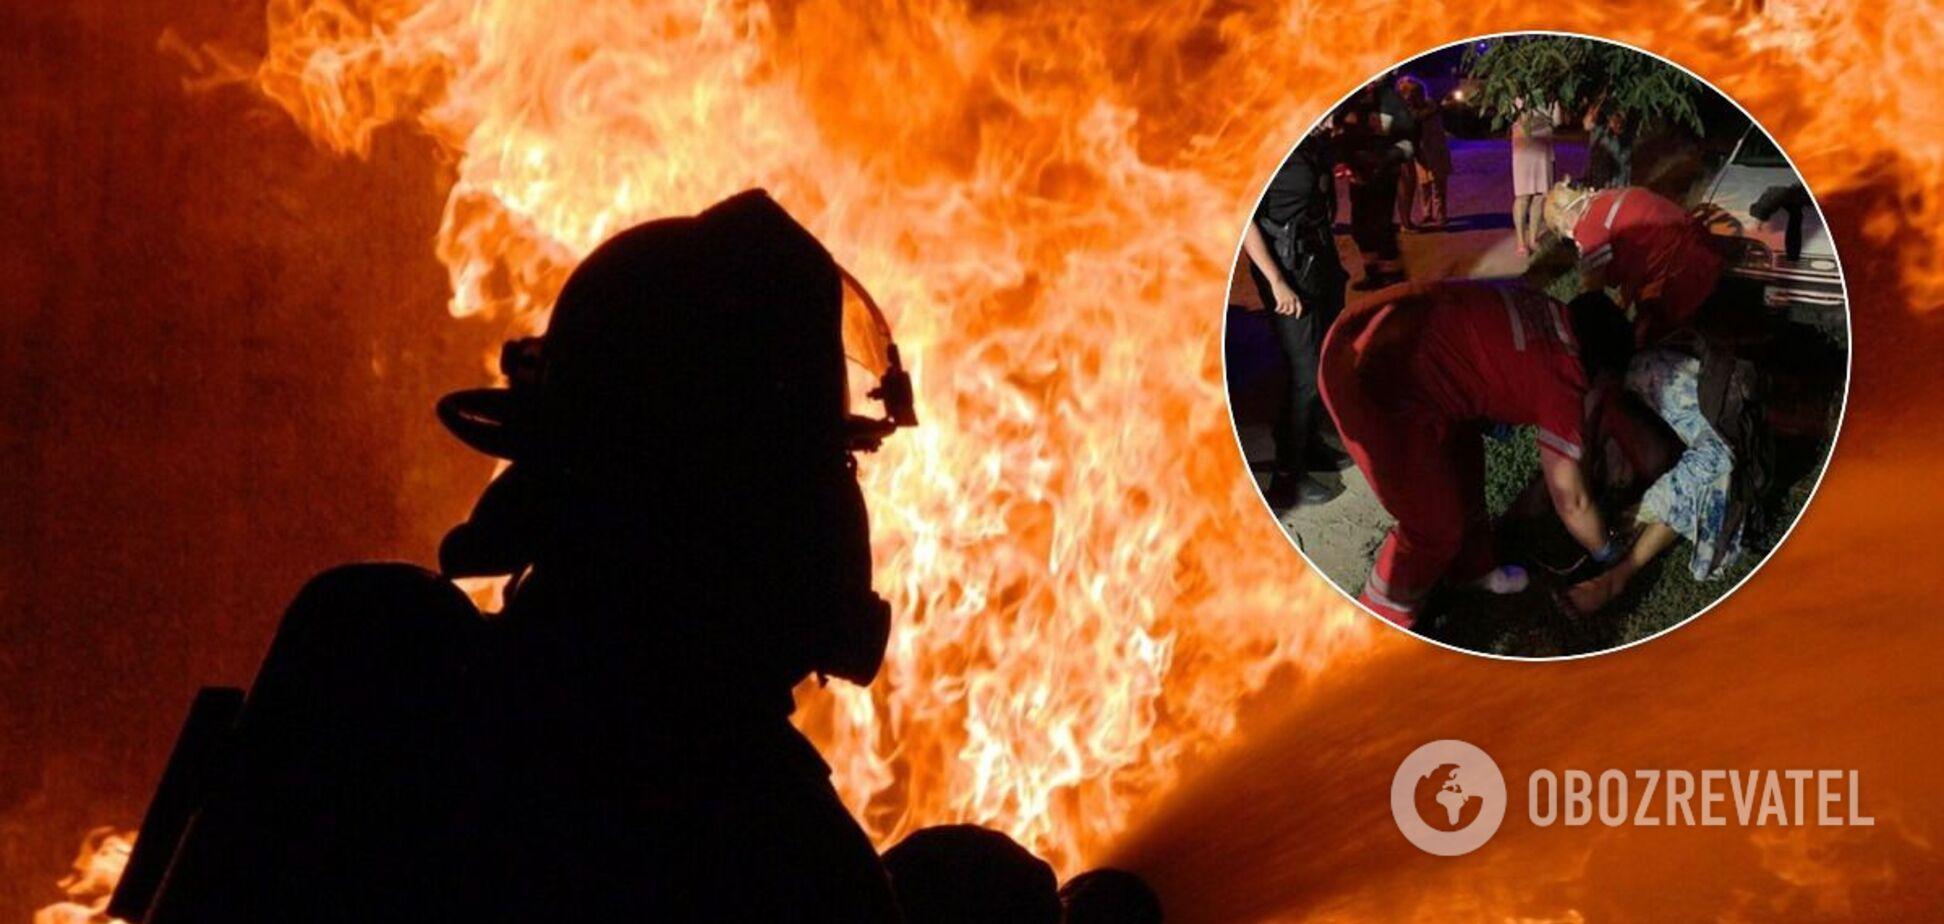 У Дніпрі сталася масштабна пожежа: чоловік з опіками потрапив до реанімації